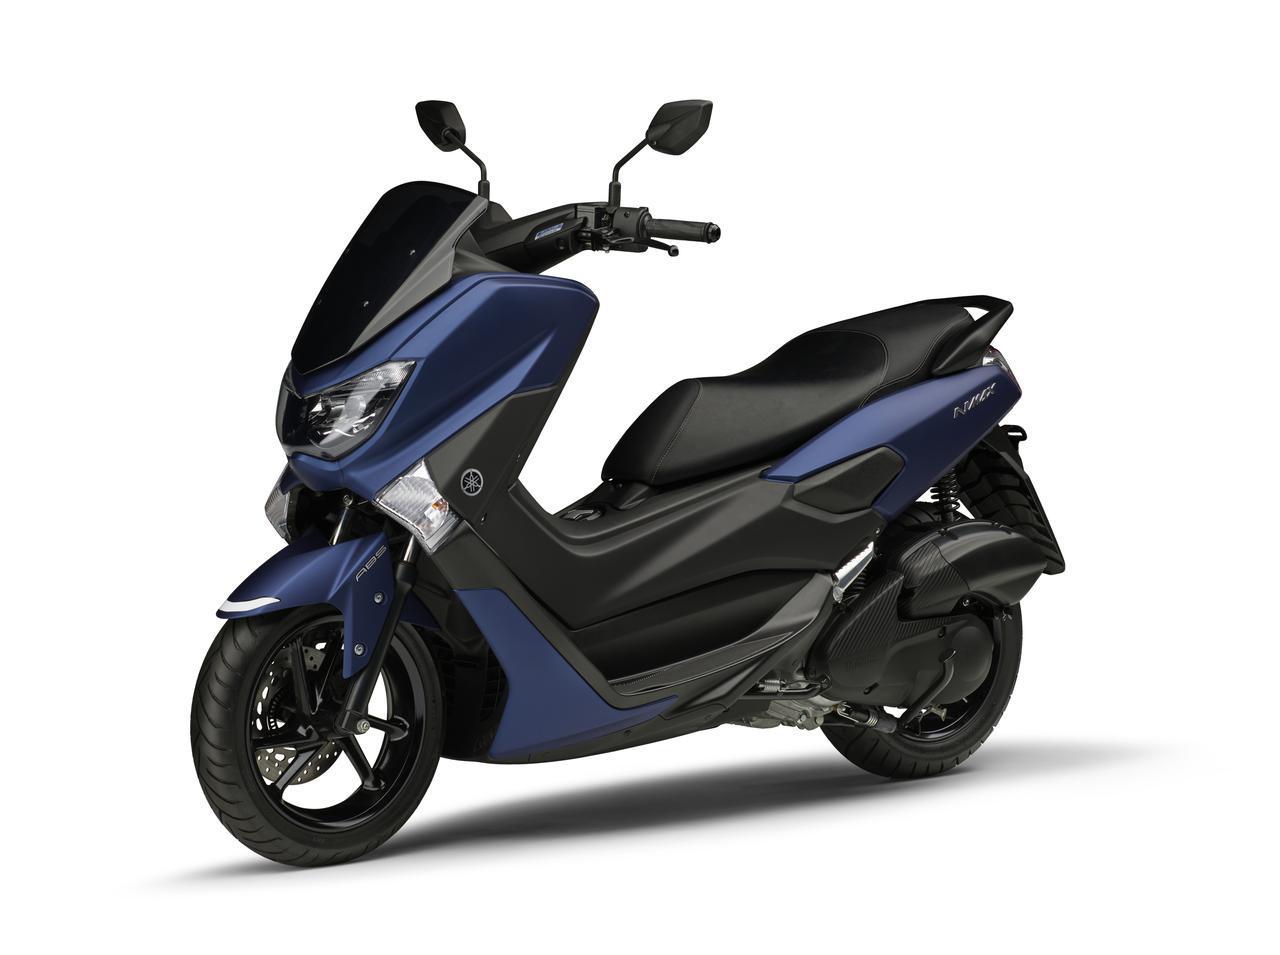 画像2: ヤマハ「NMAX ABS」(2020年)解説&試乗インプレ|YAMAHAで最も高価な125cc二輪スクーターの魅力とは?